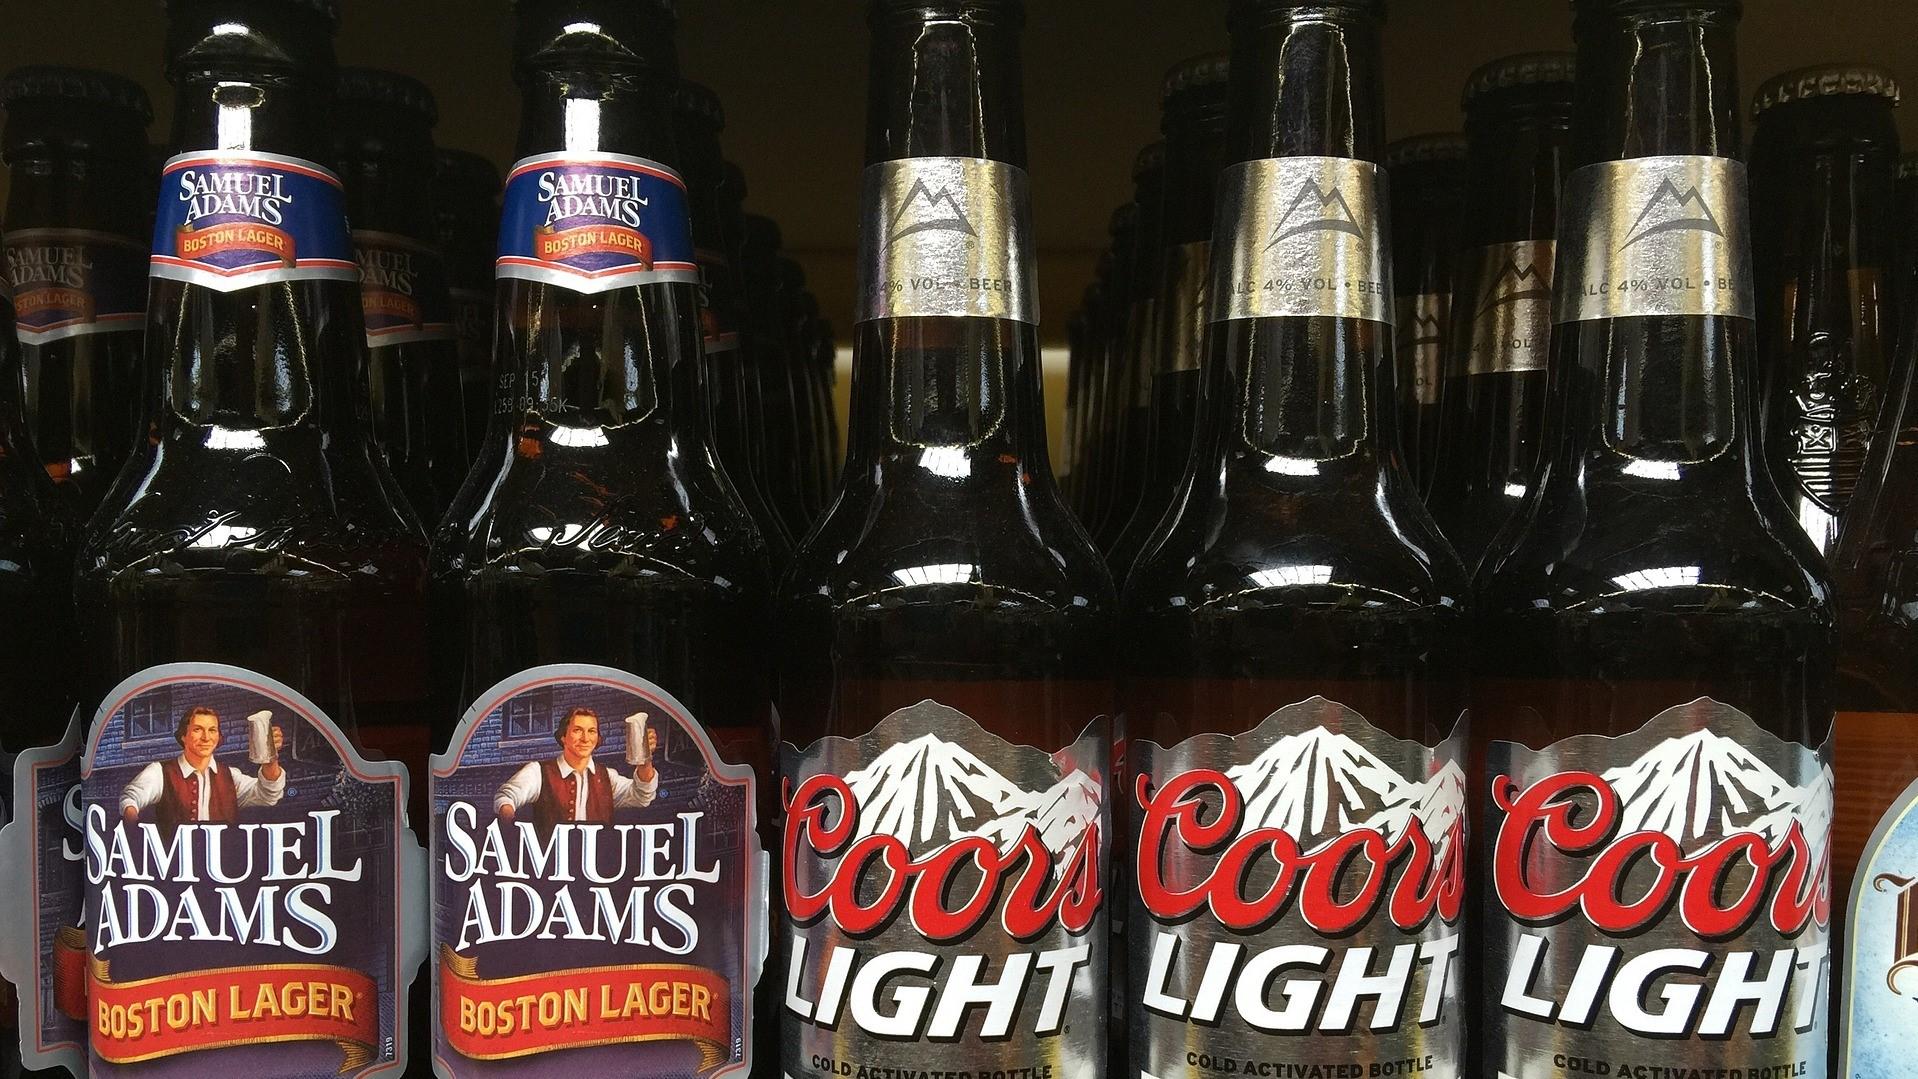 bottled-beer-896438_1920_1550854596385.jpg